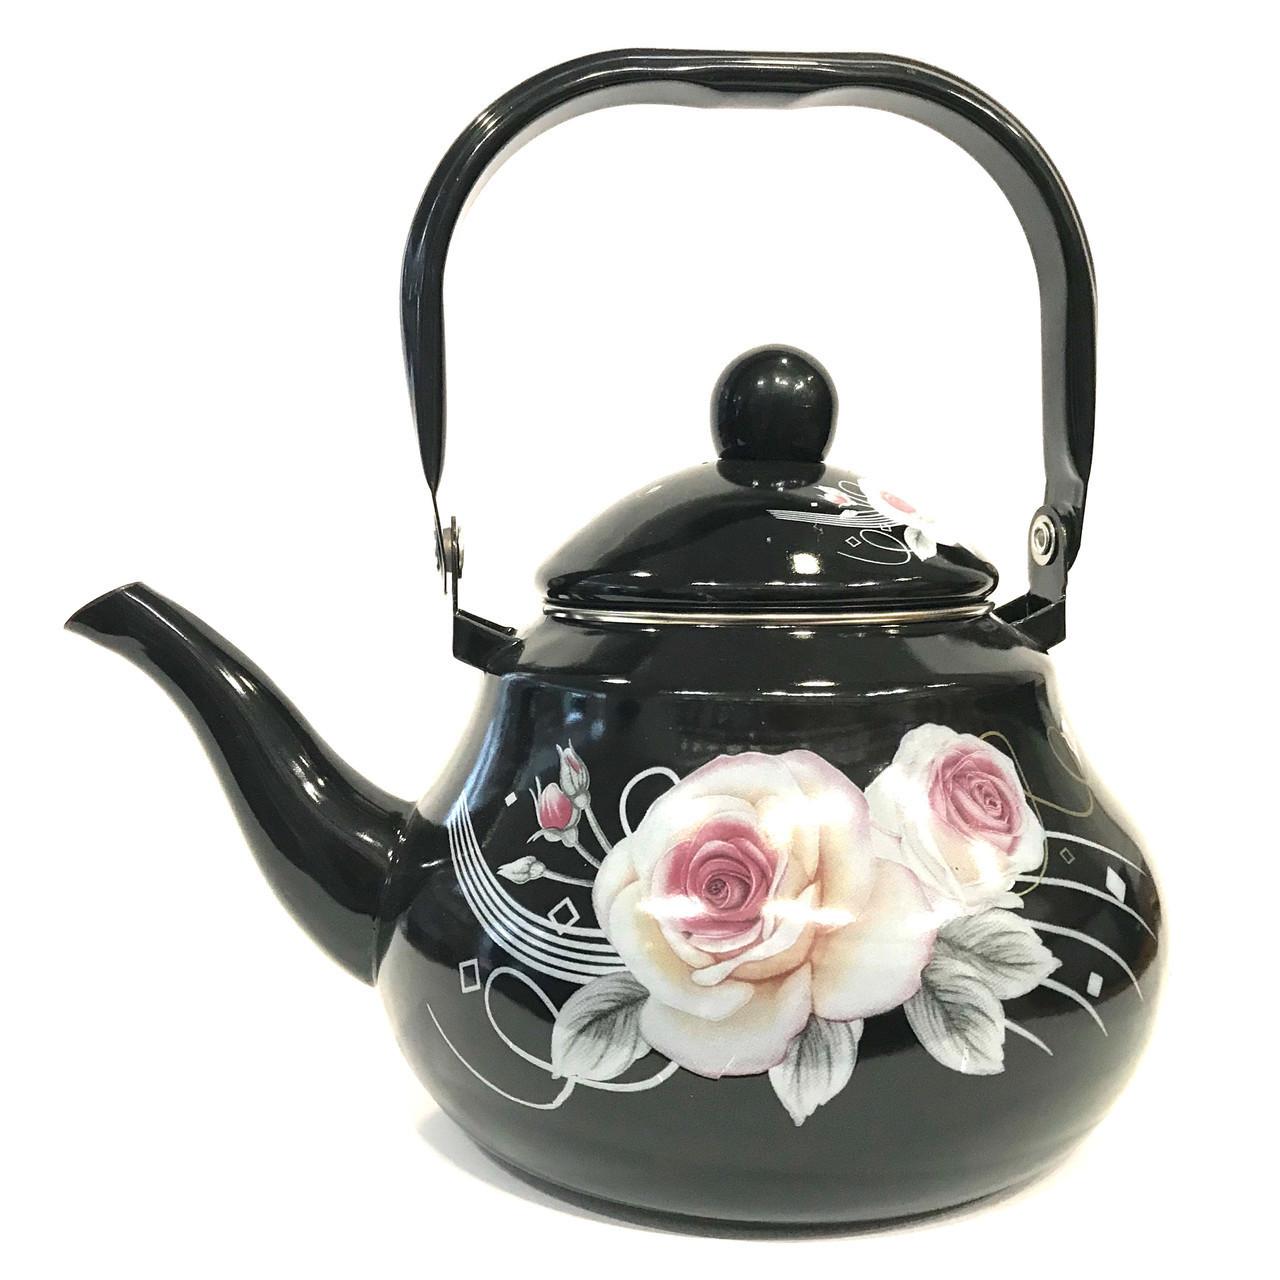 Чайник с подвижной ручкой Benson BN-103 черный с рисунком (2.5 л)